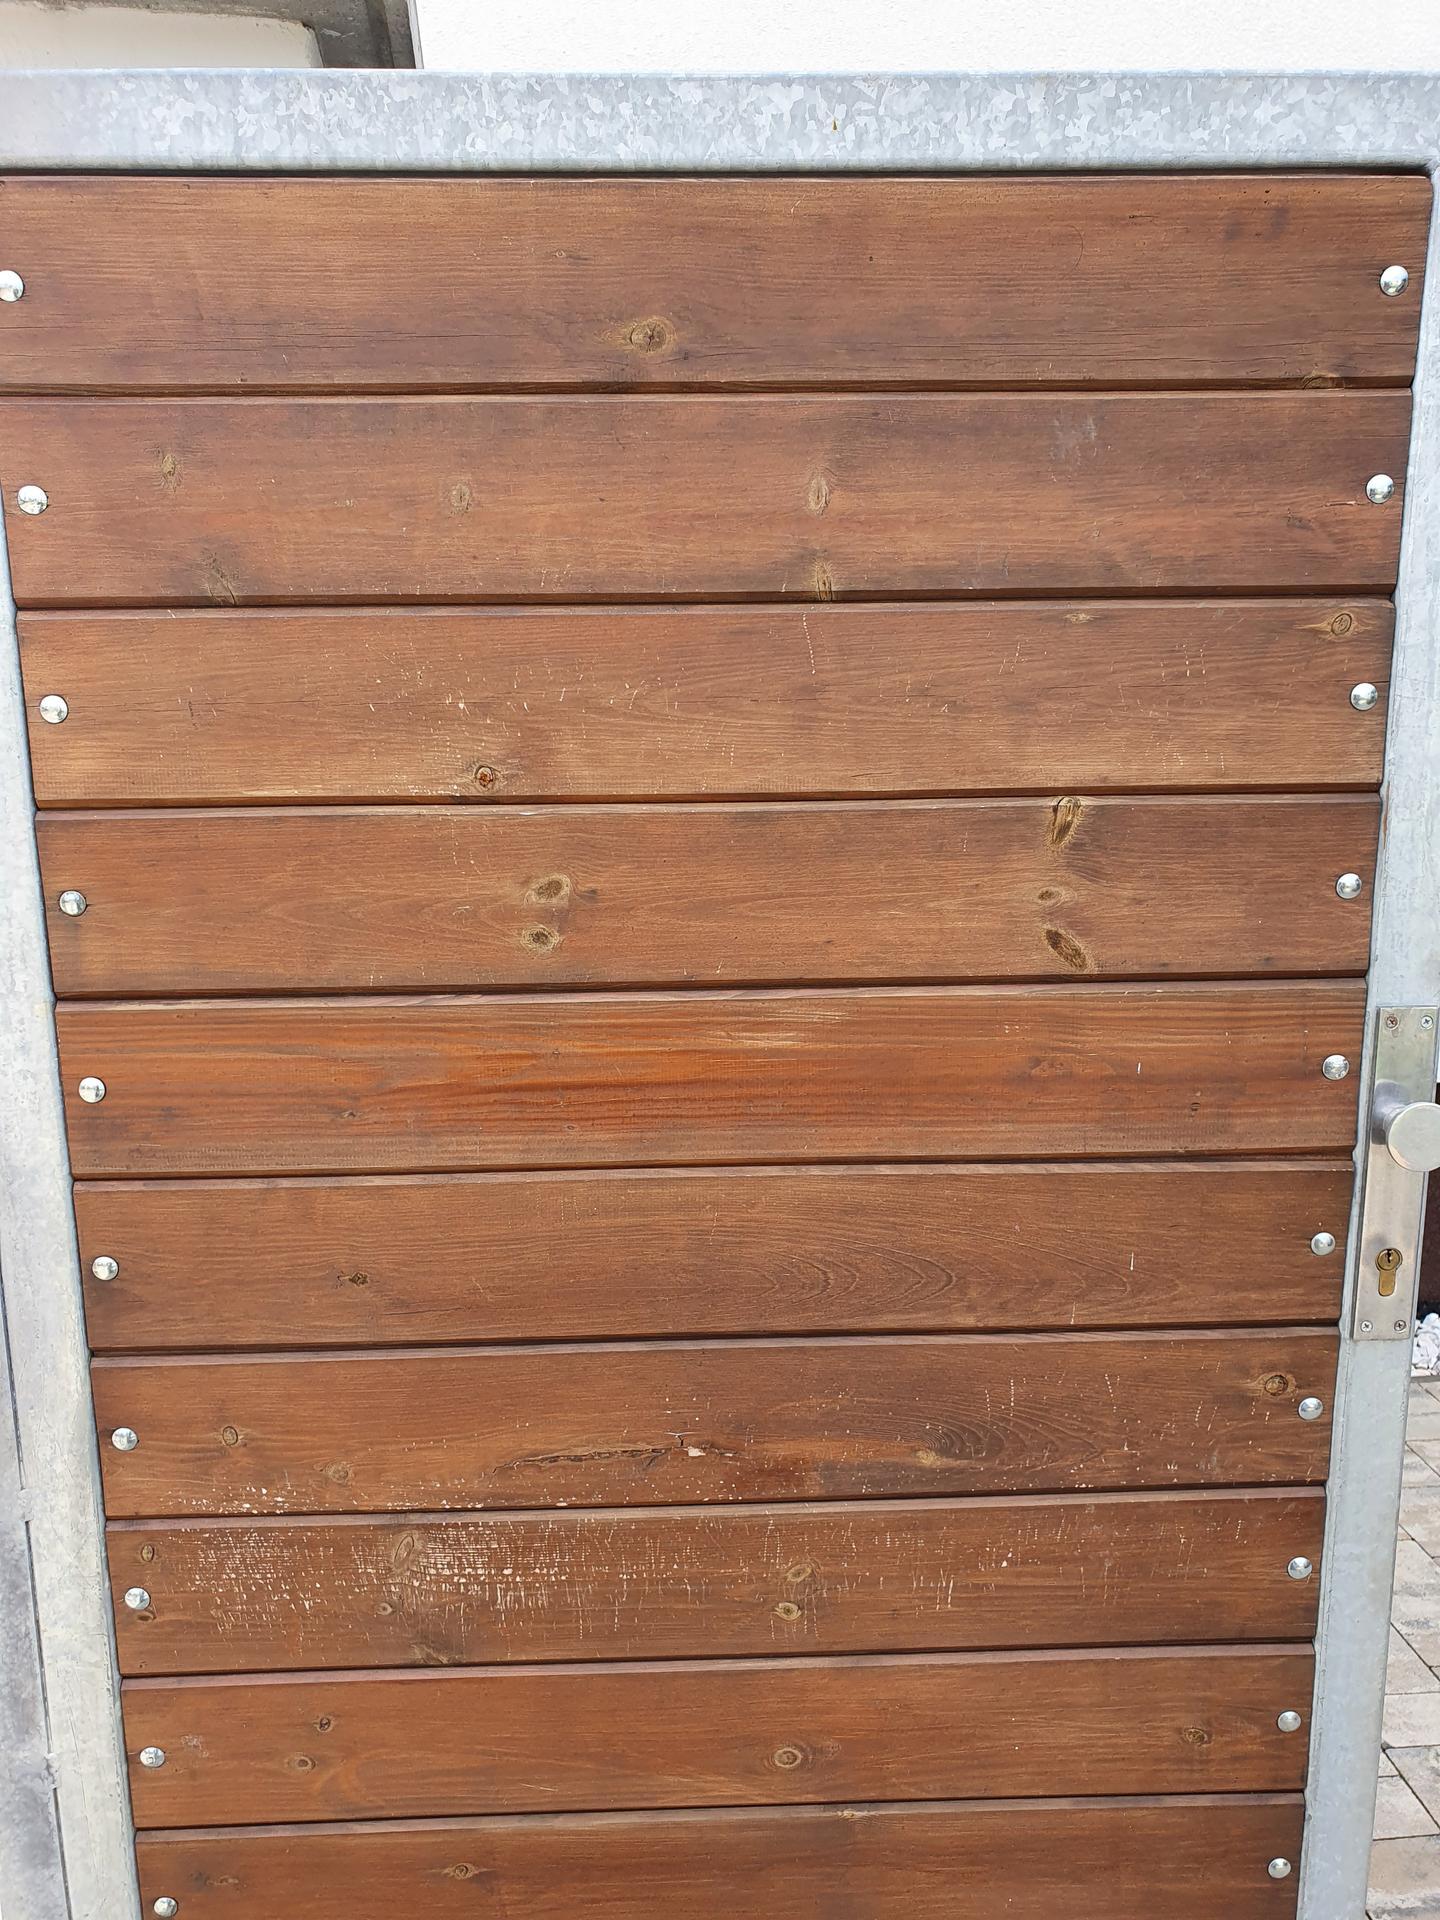 Dotaz - je možné dát něco na plot a vrátka, aby to odradilo kočky? Máme podrápana dřevěná vrátka a špinavý plot. Přes den není nikdo vidět, nejspíš chodí v noci... My samy žádná zvířátka nemáme. Děkuji za rady event.zkušenosti... - Obrázek č. 1